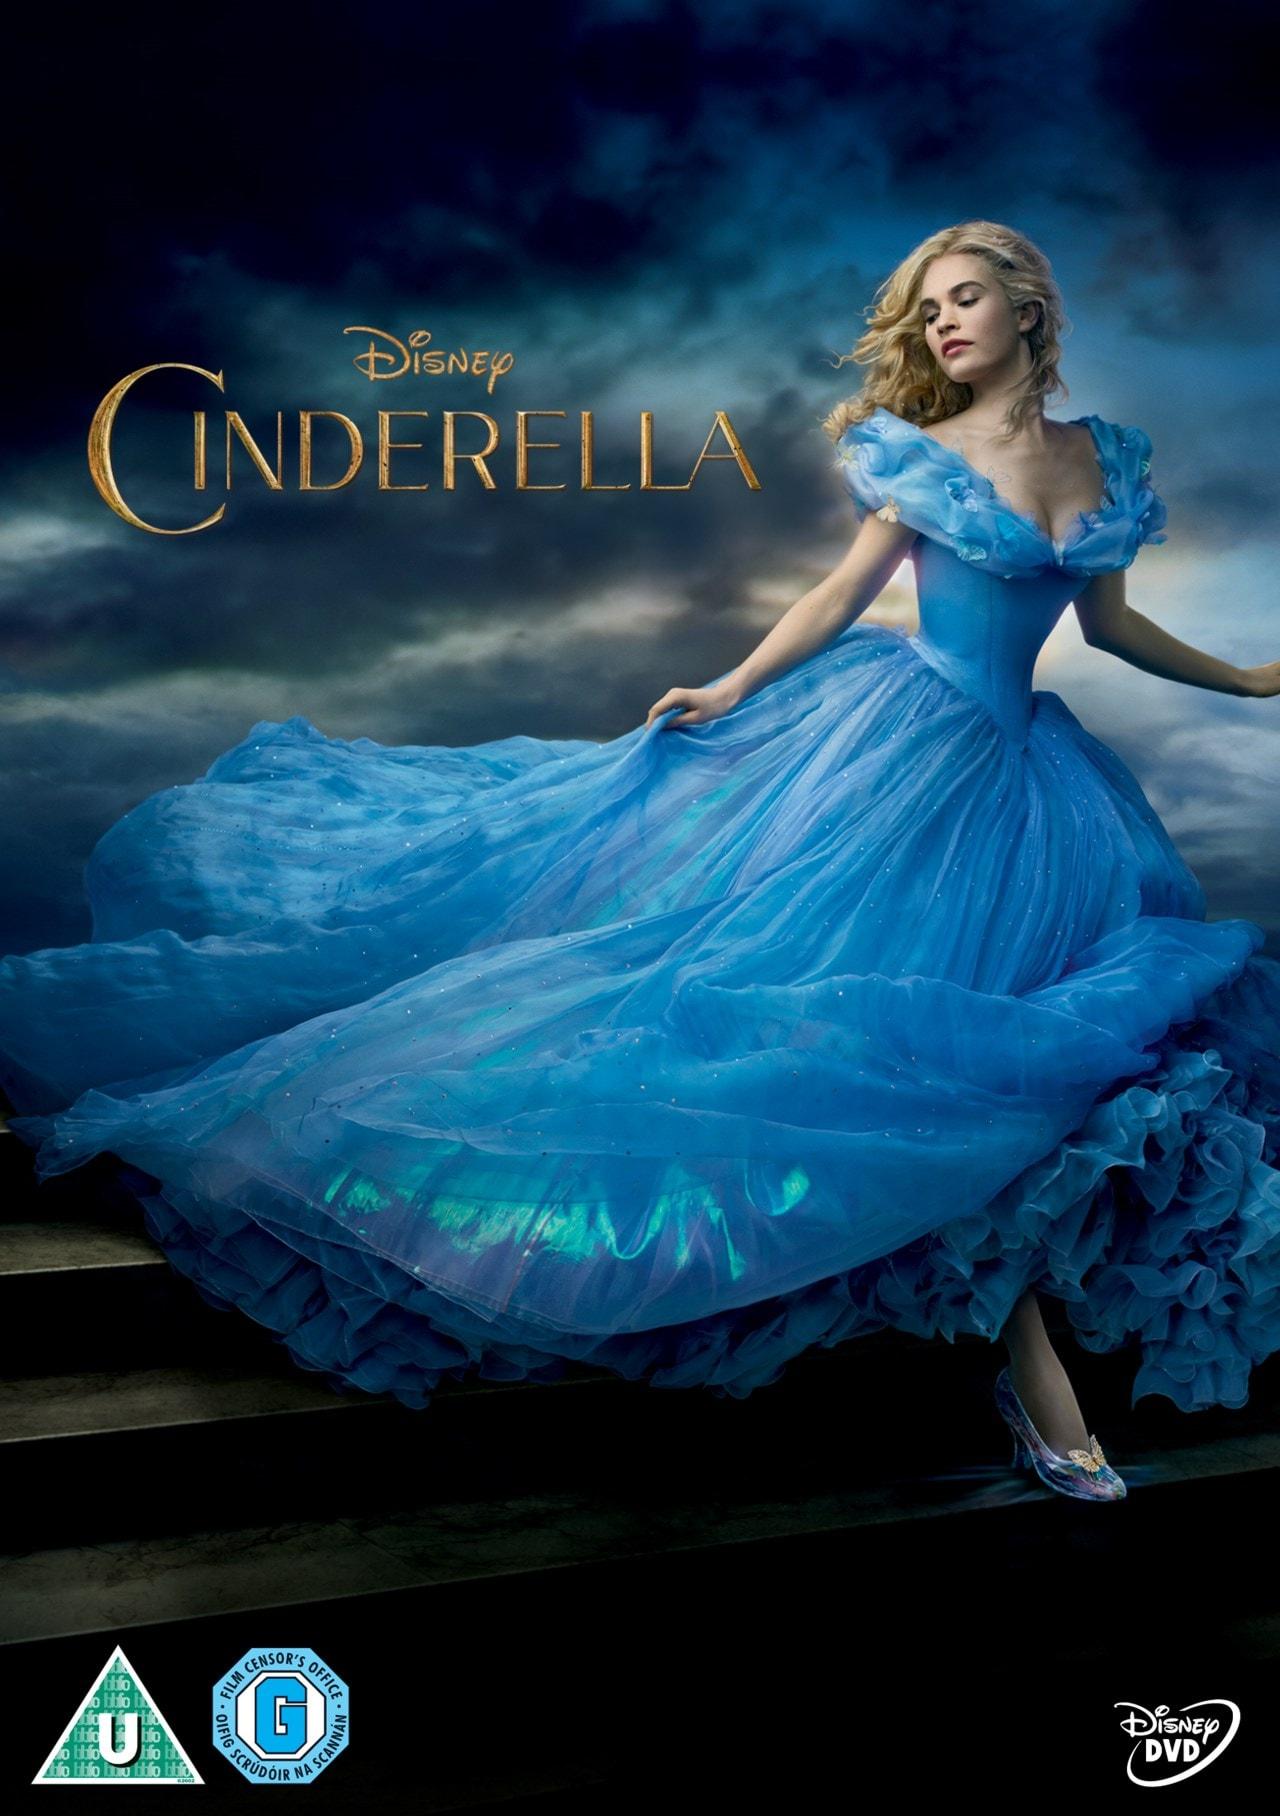 Cinderella - 3